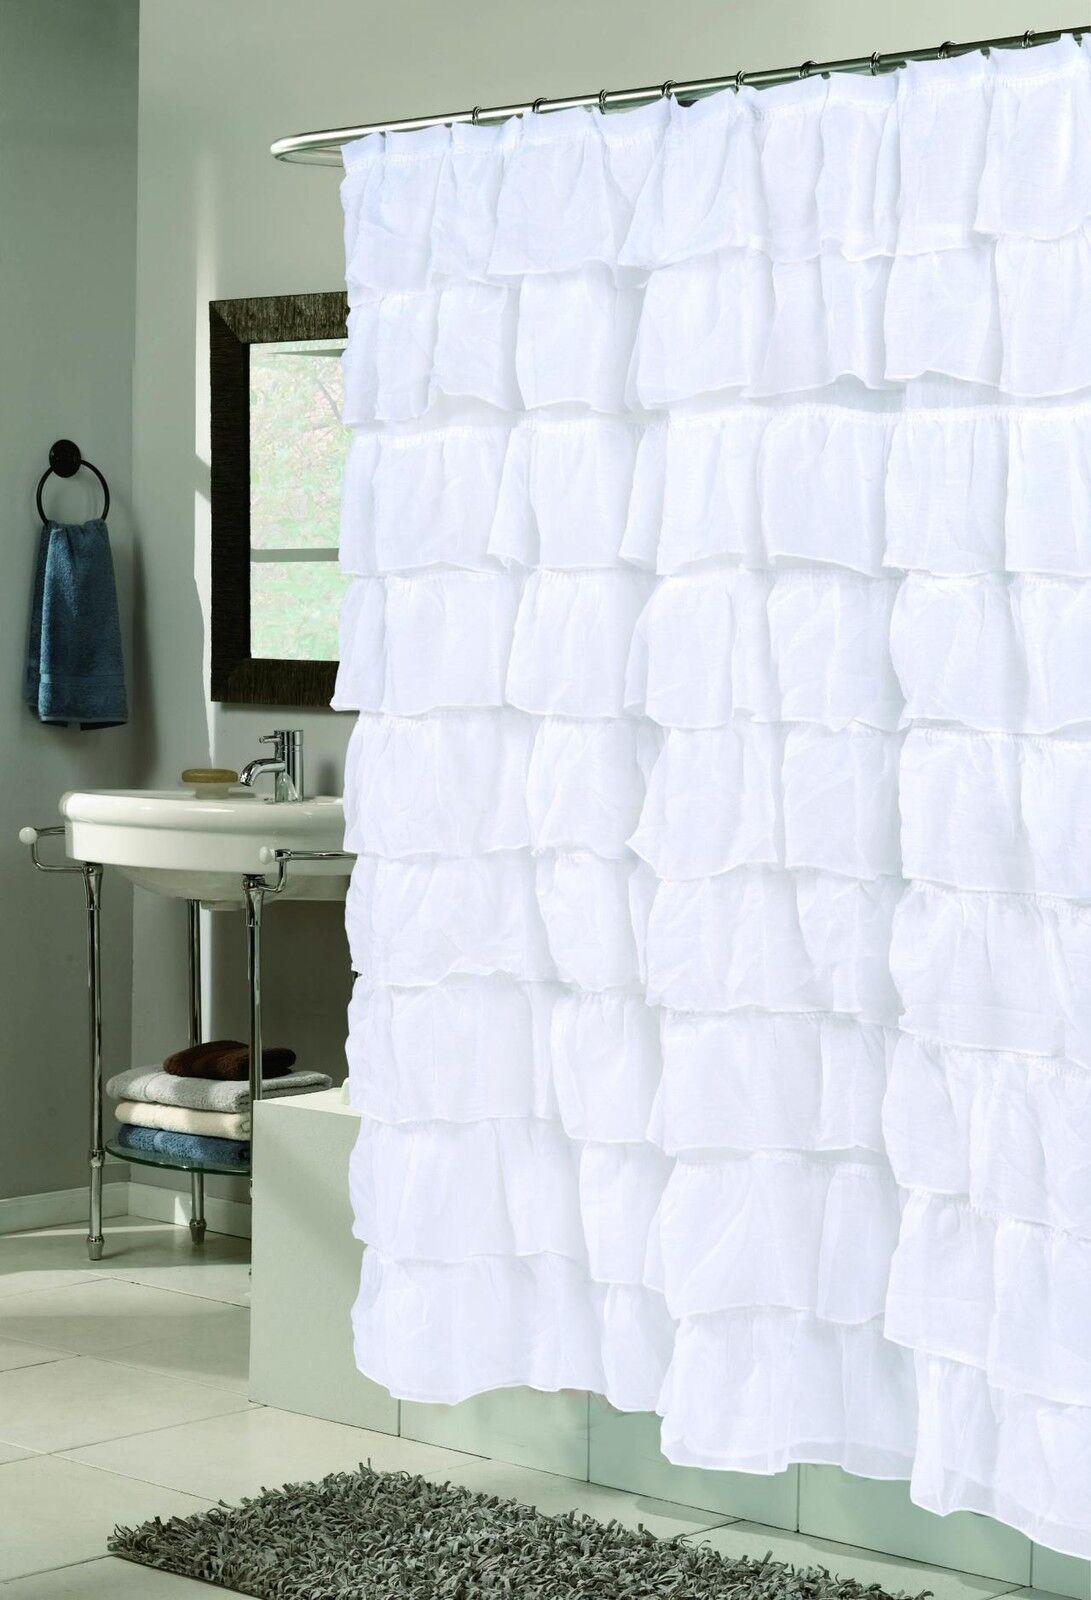 Carmen Ruffle Fabric Shower Curtain - Crushed Voile Ruffled